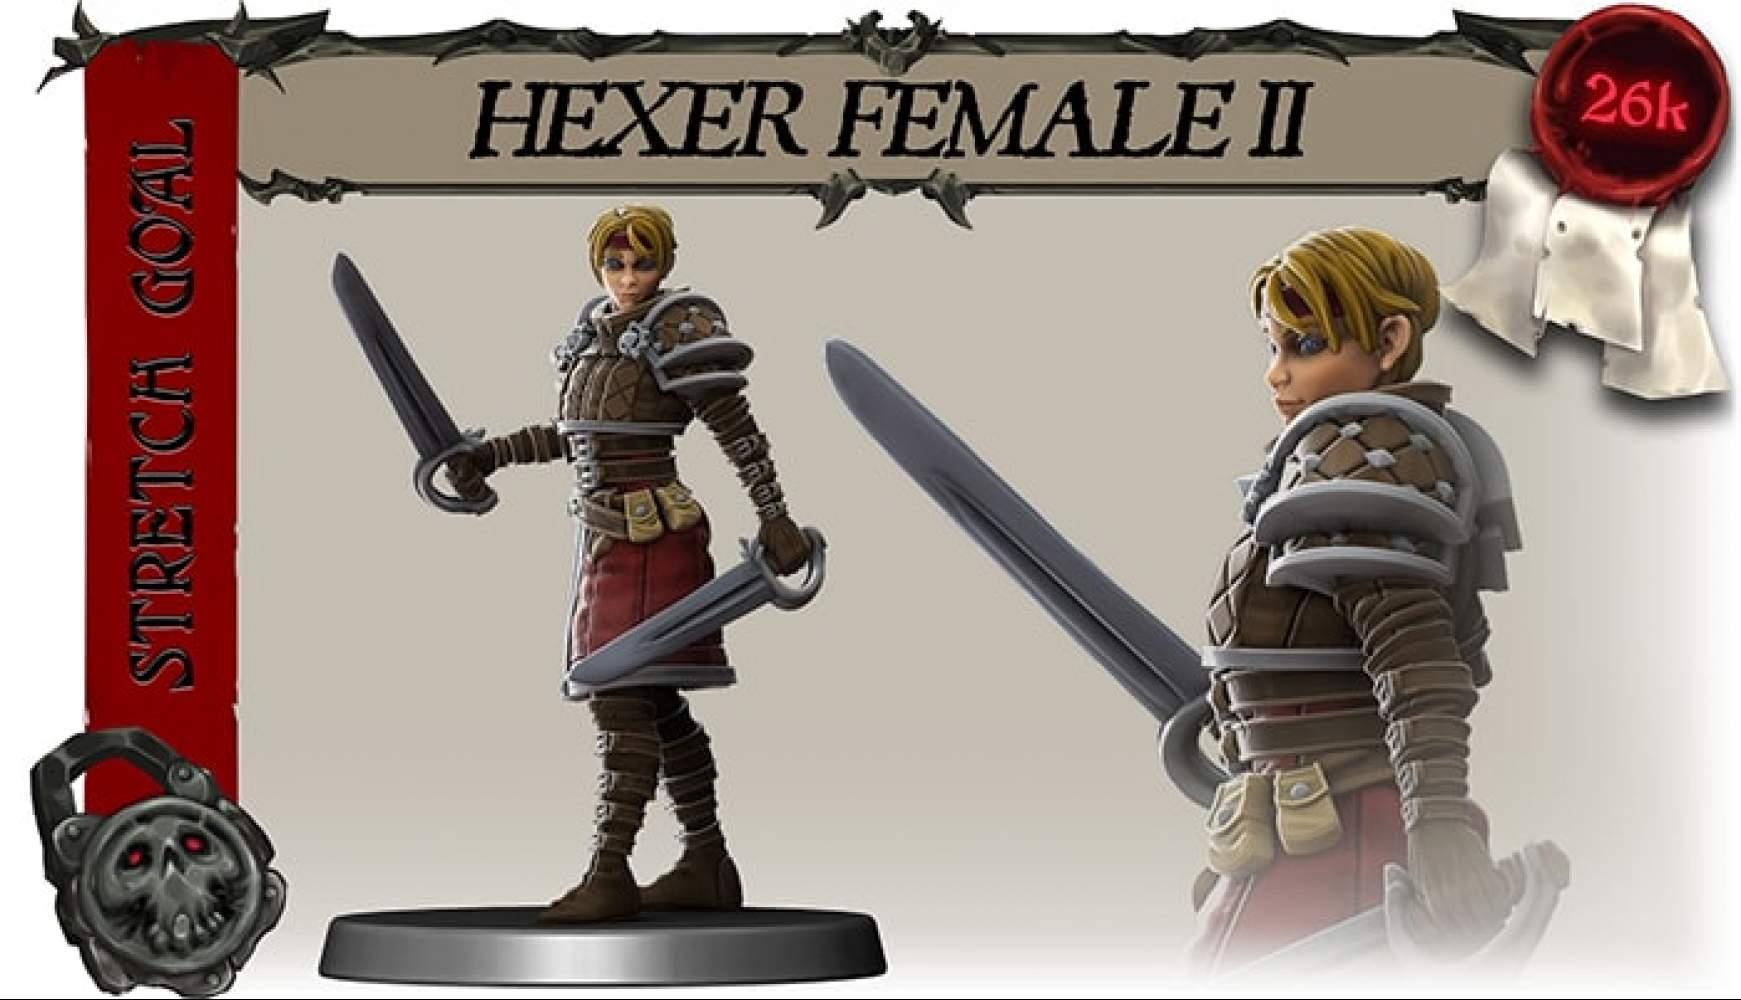 HEXER FEMALE II